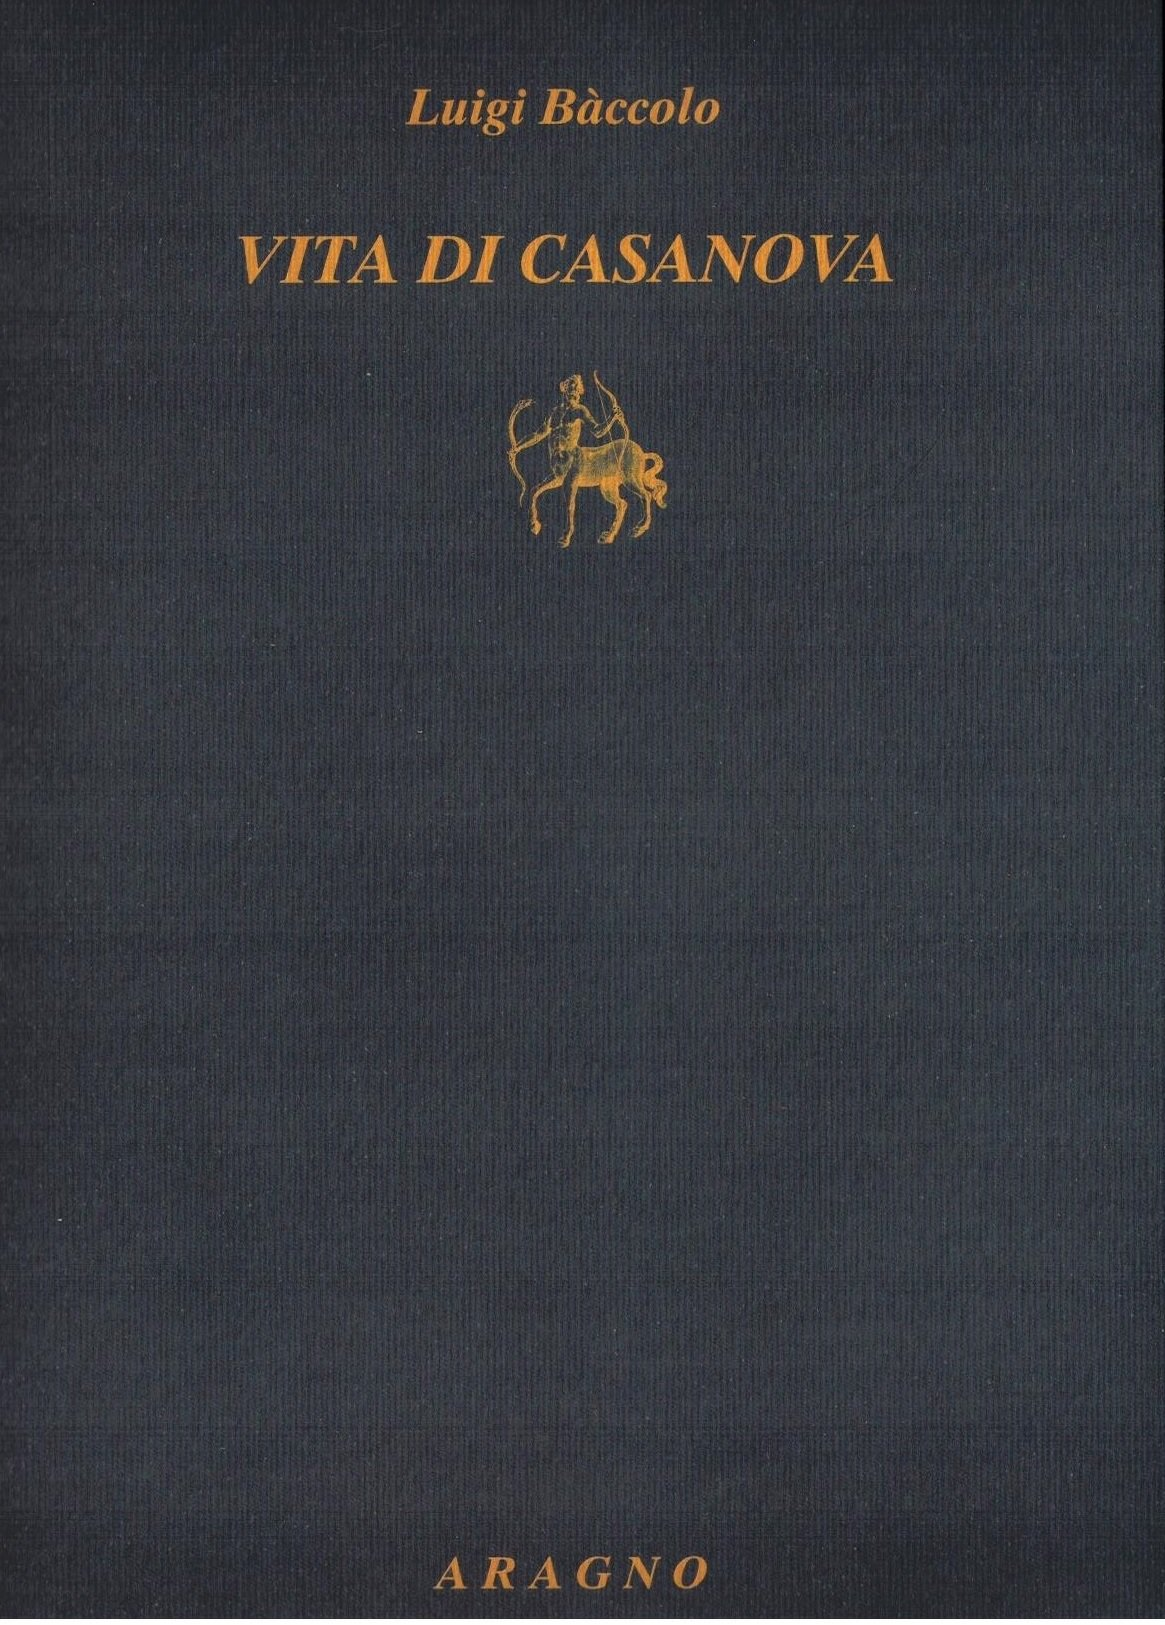 Vita di Casanova